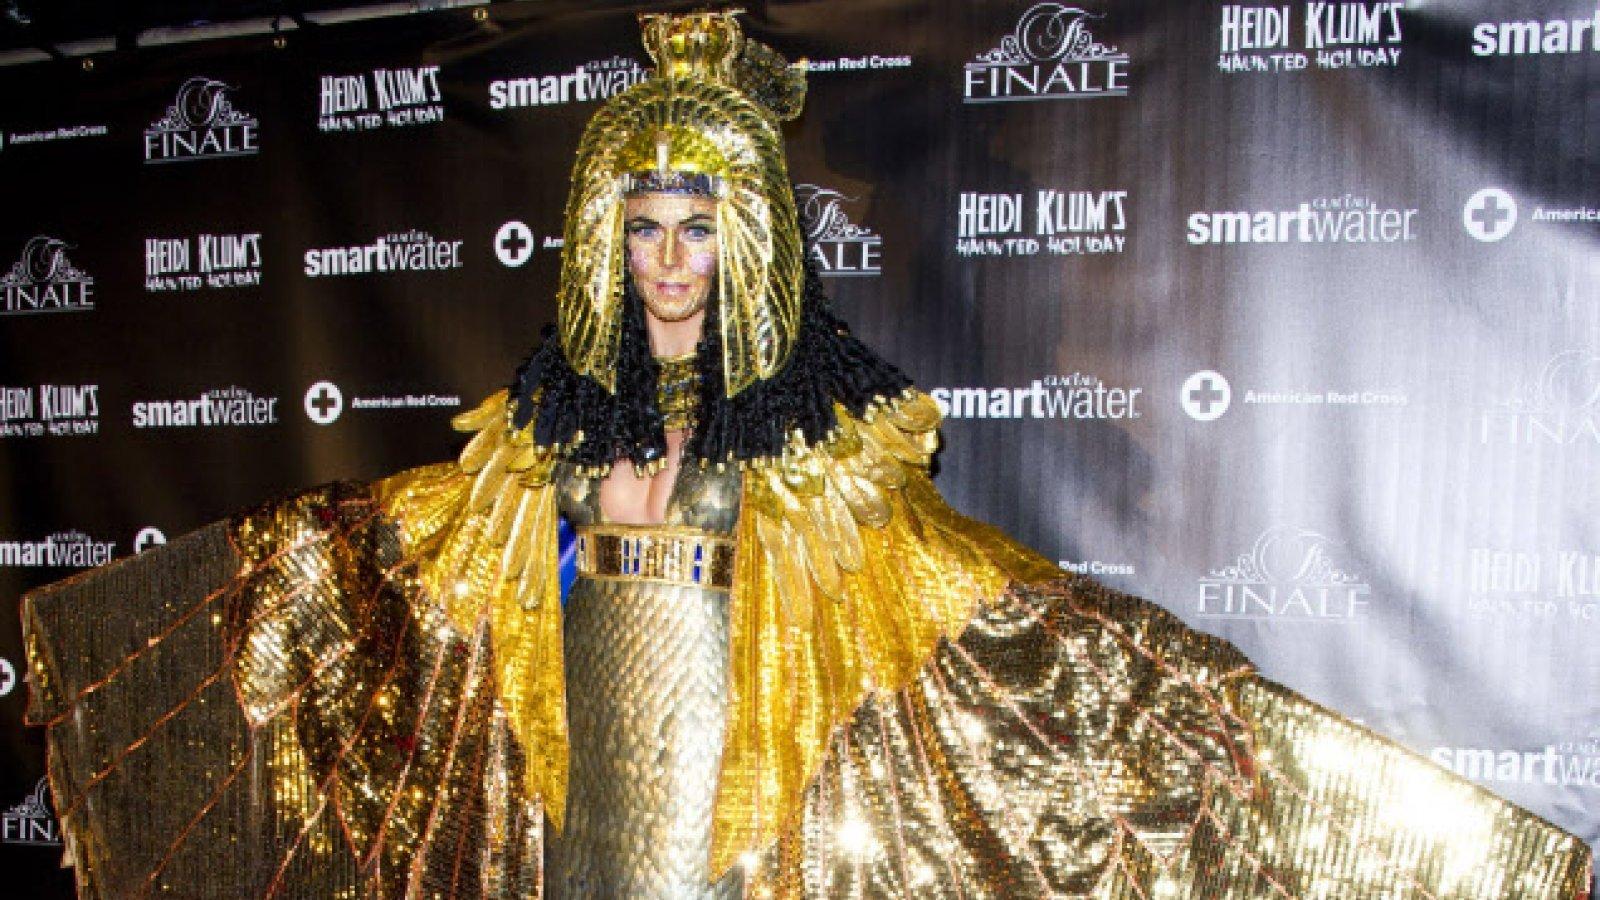 Heidi Klum como Cleopatra.